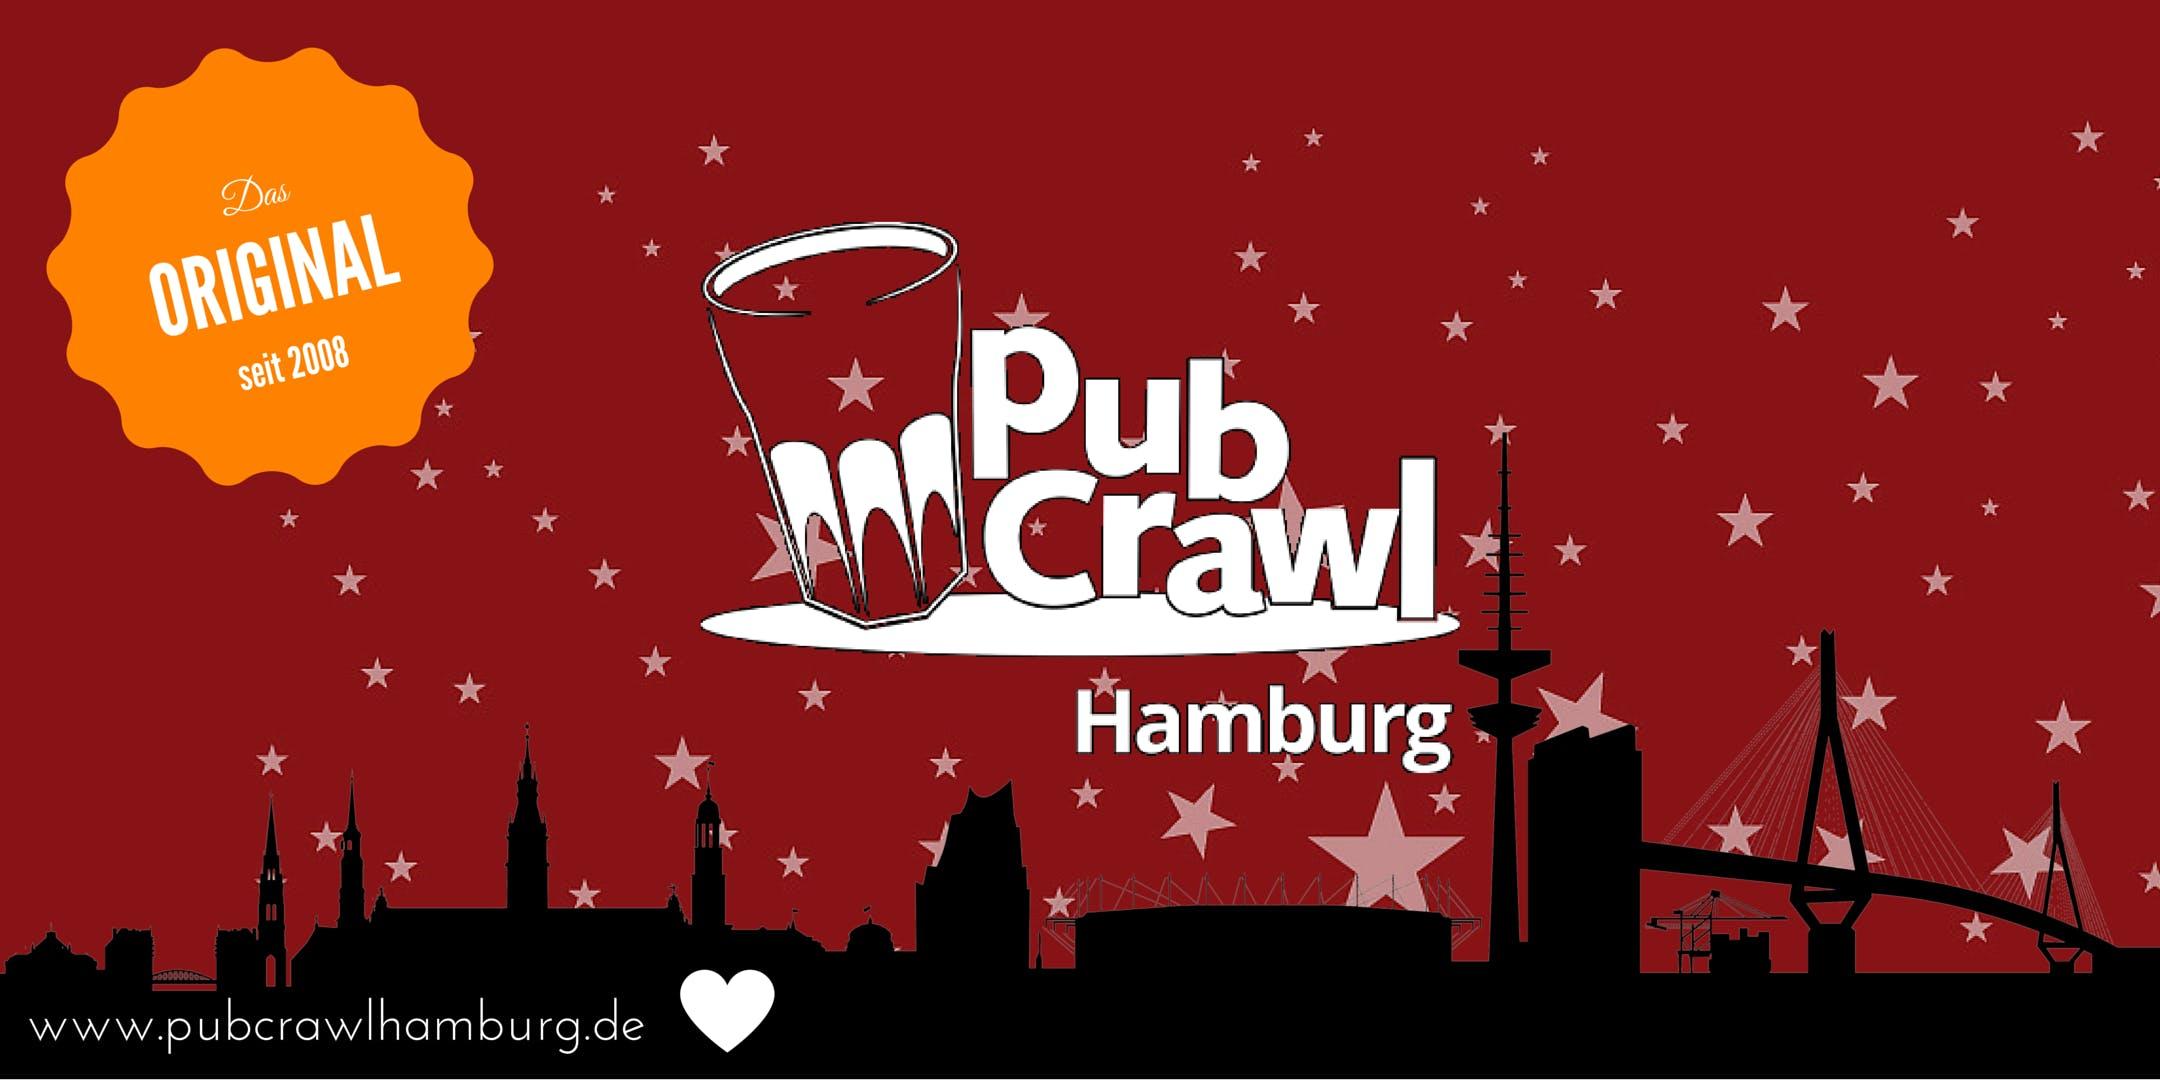 PubCrawl Hamburg Super-Premium Tour